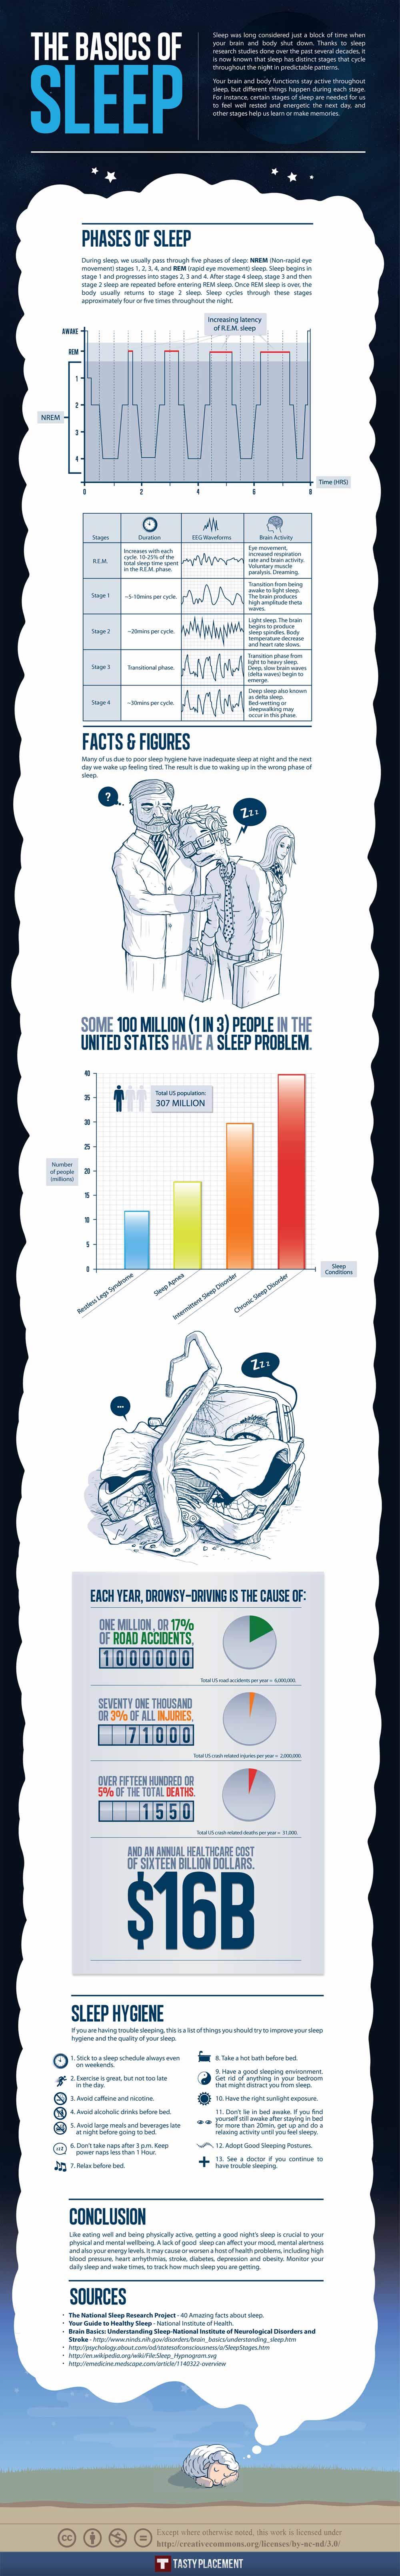 sleep-basics-explained-in-infographic